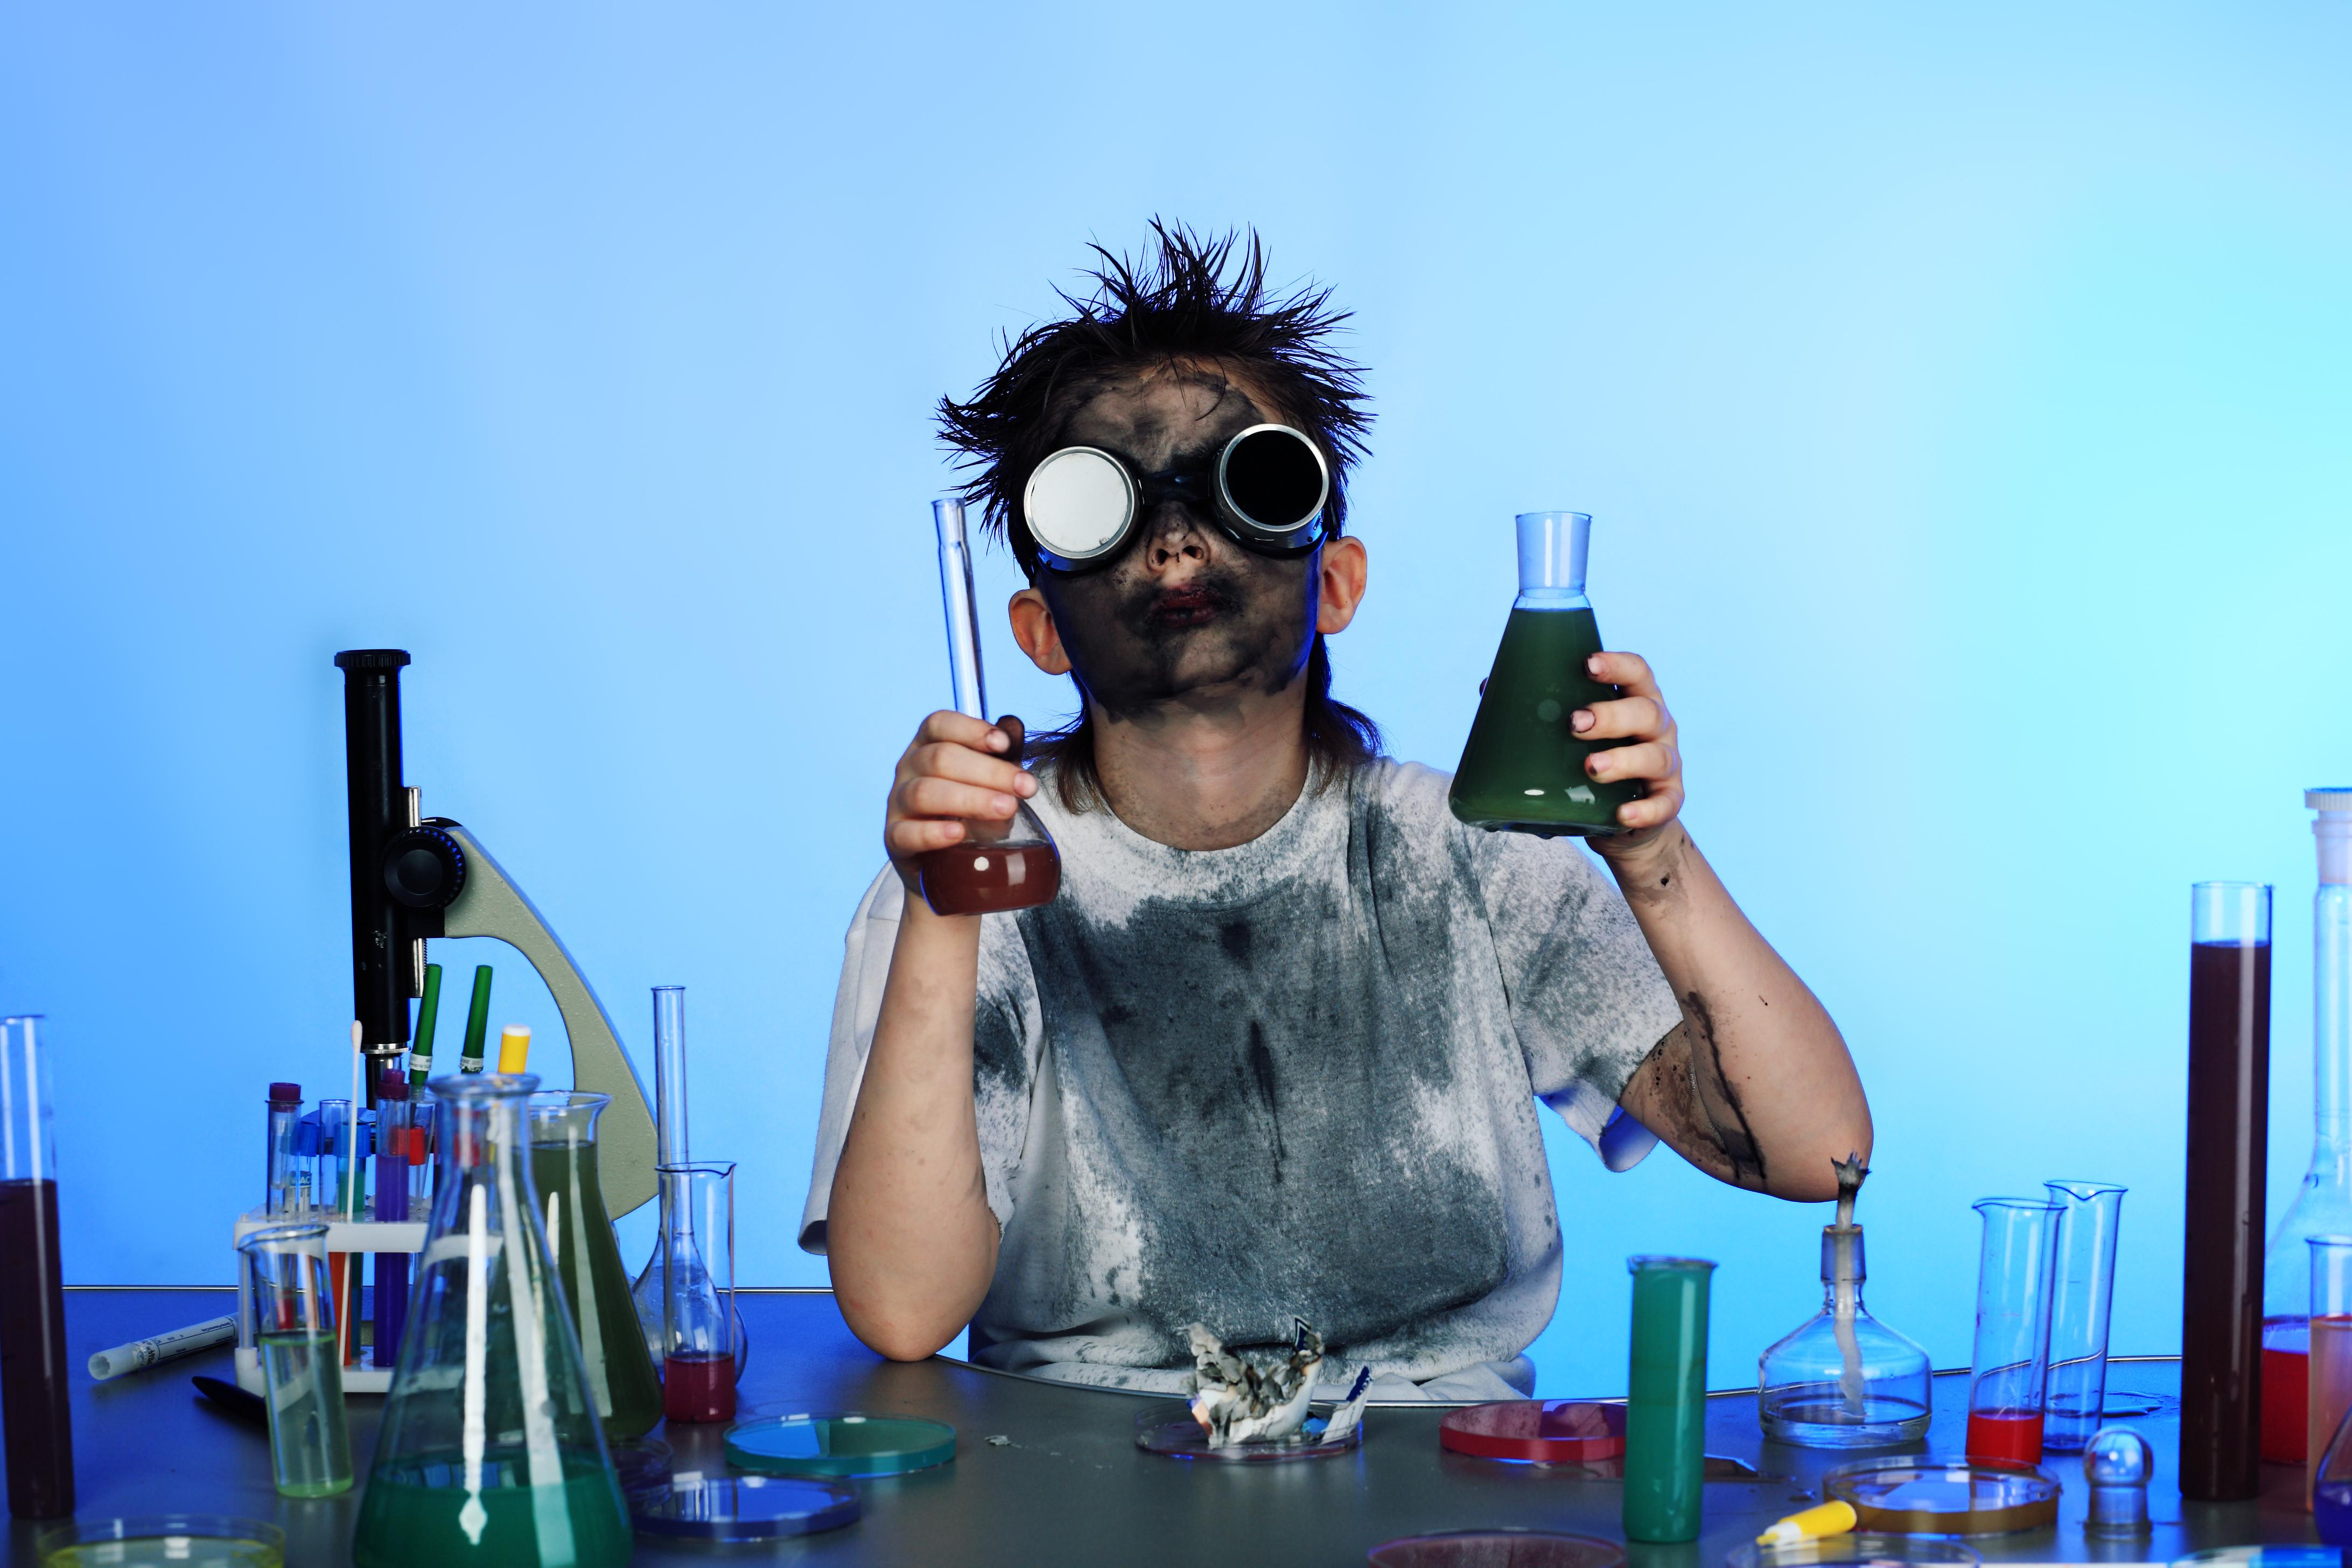 Ожоги агрессивными реагентами чаще получают на производствах и в лабораториях, где ведется работа с опасными веществами